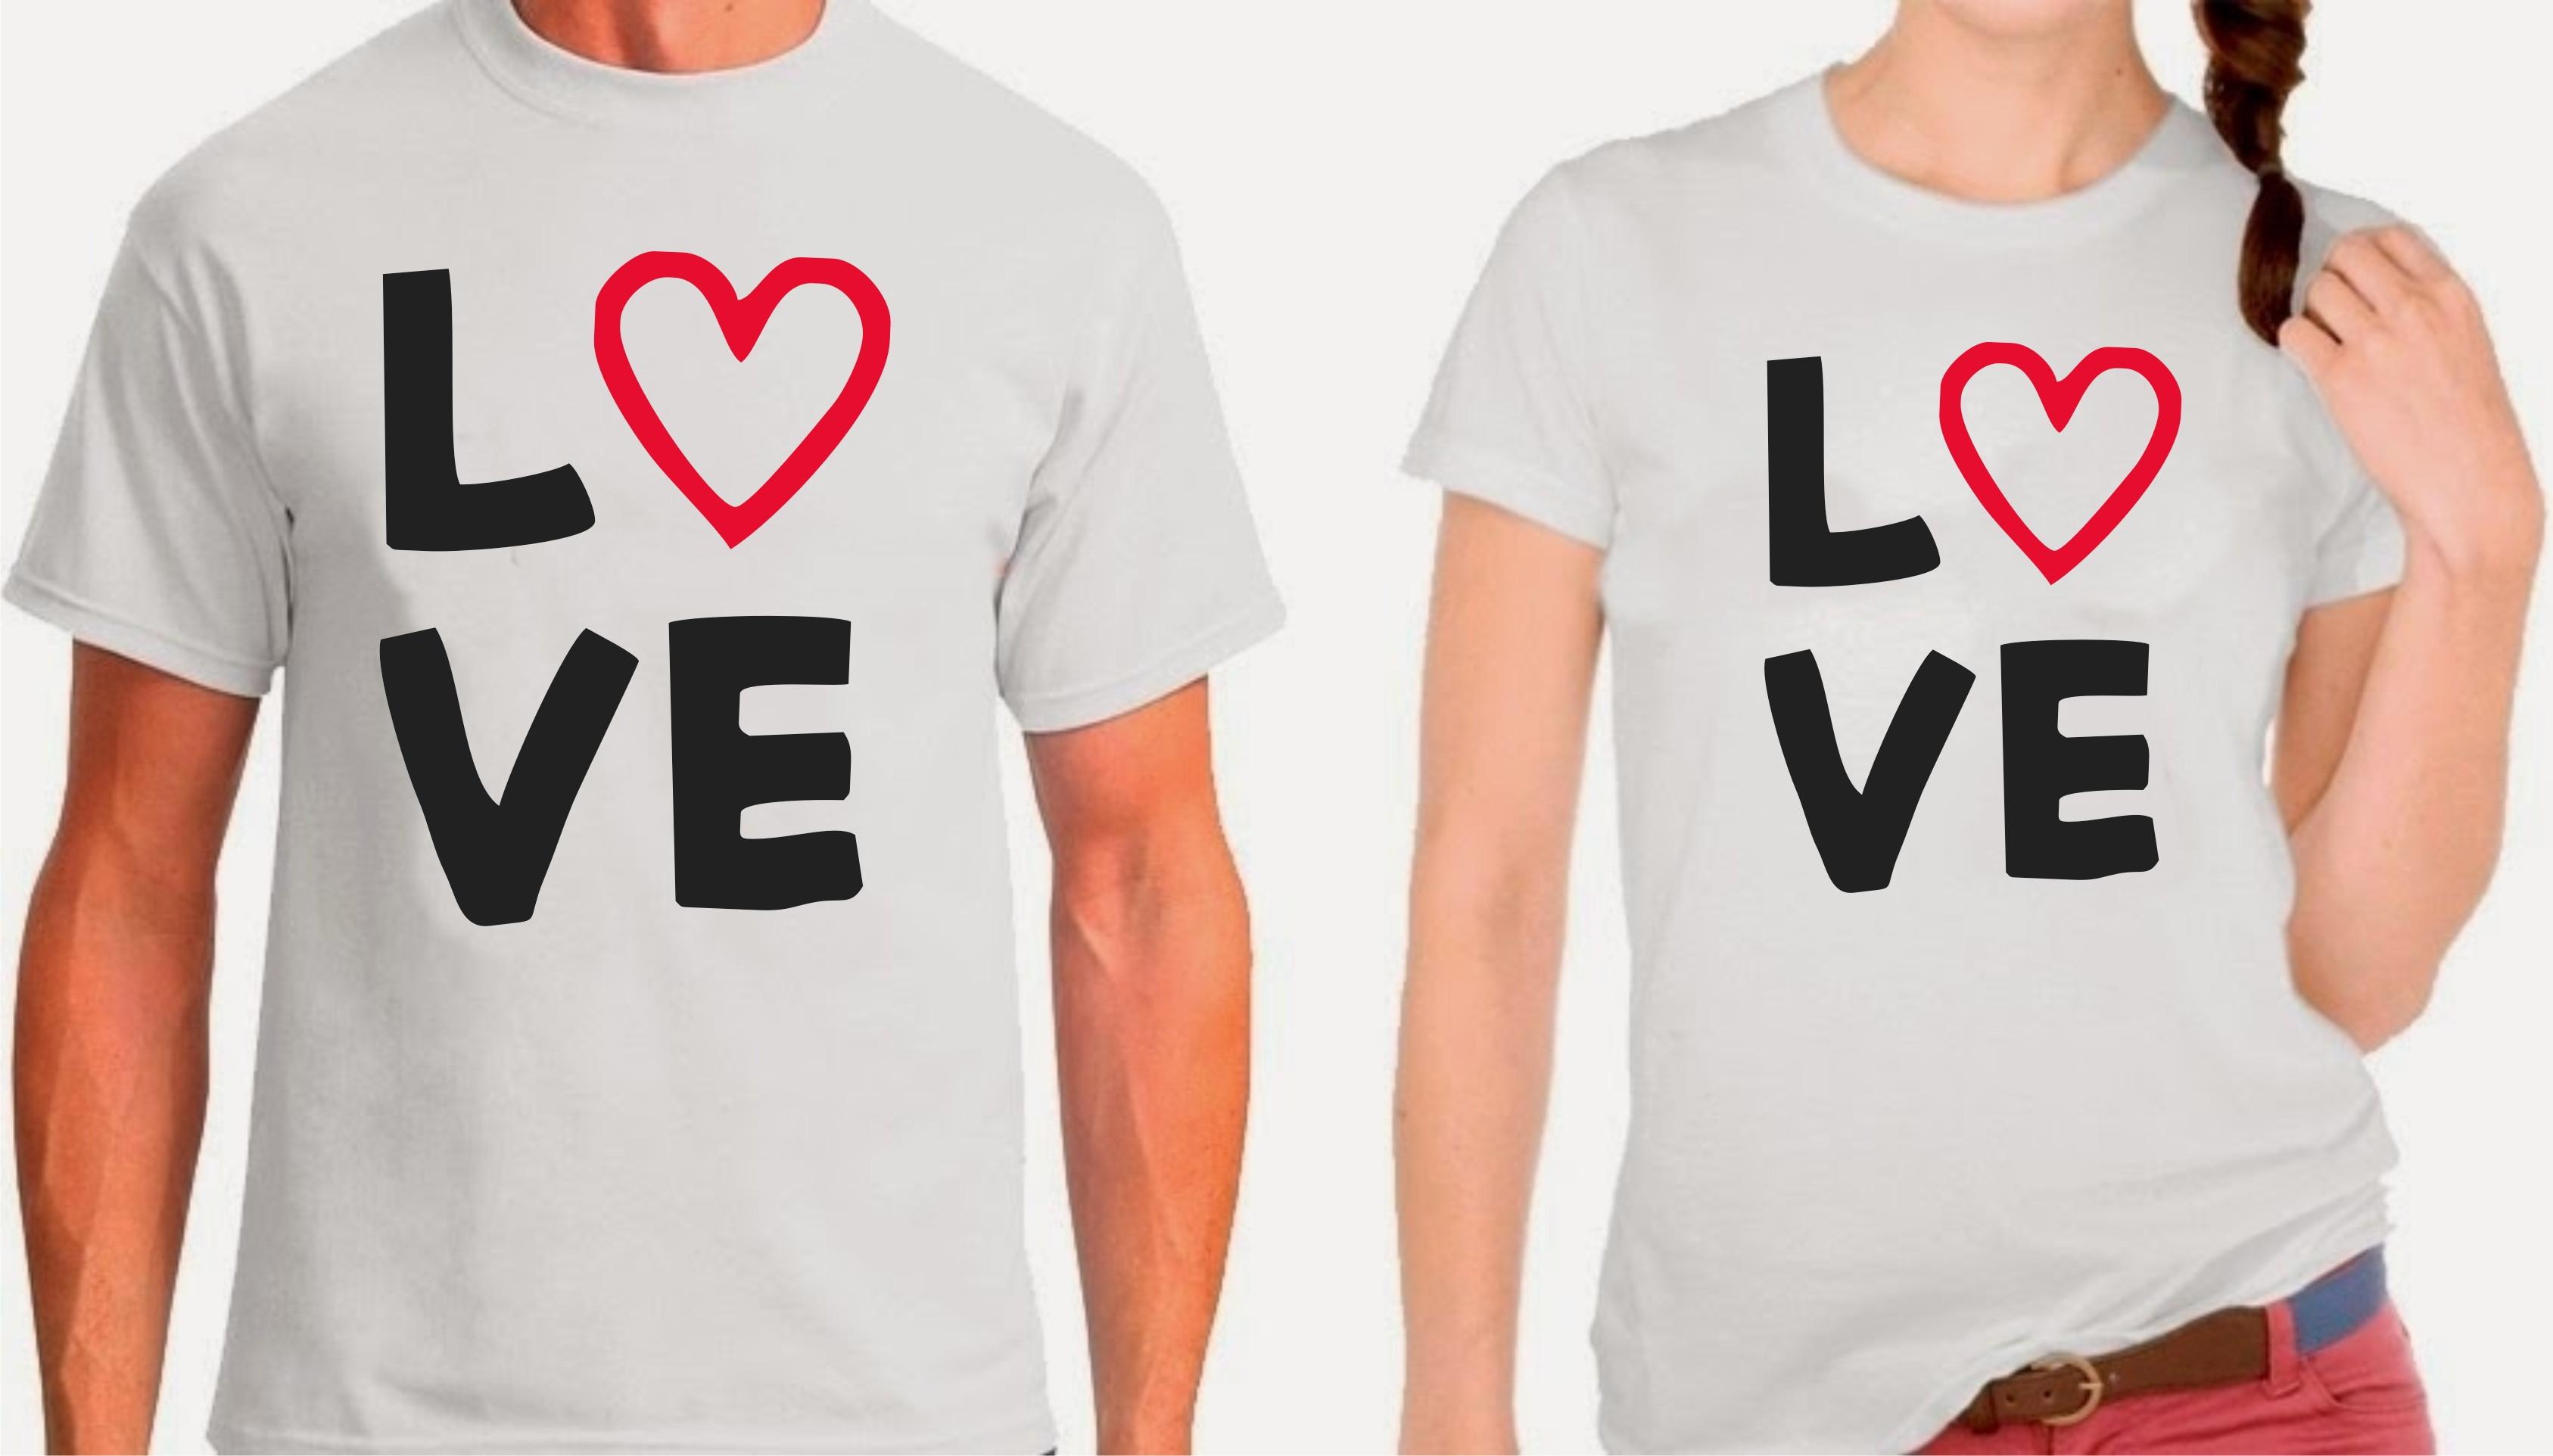 cbc9a5089bd6e Blusa Masculinas Namorados Love Casal | Elo7